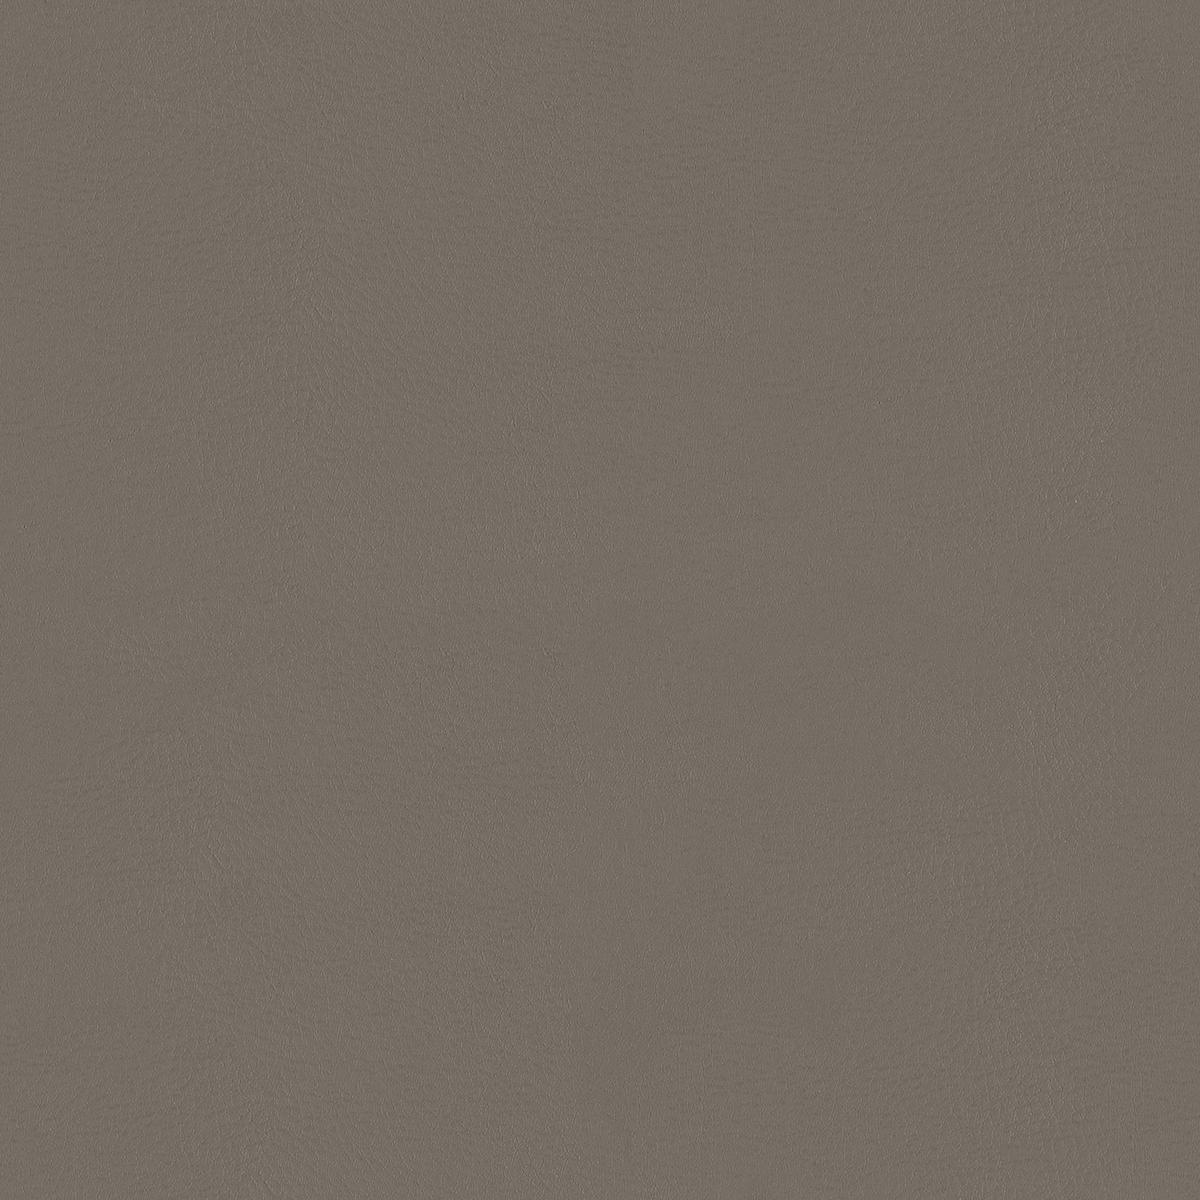 Top Coat - Weld - 4083 - 17 Tileable Swatches